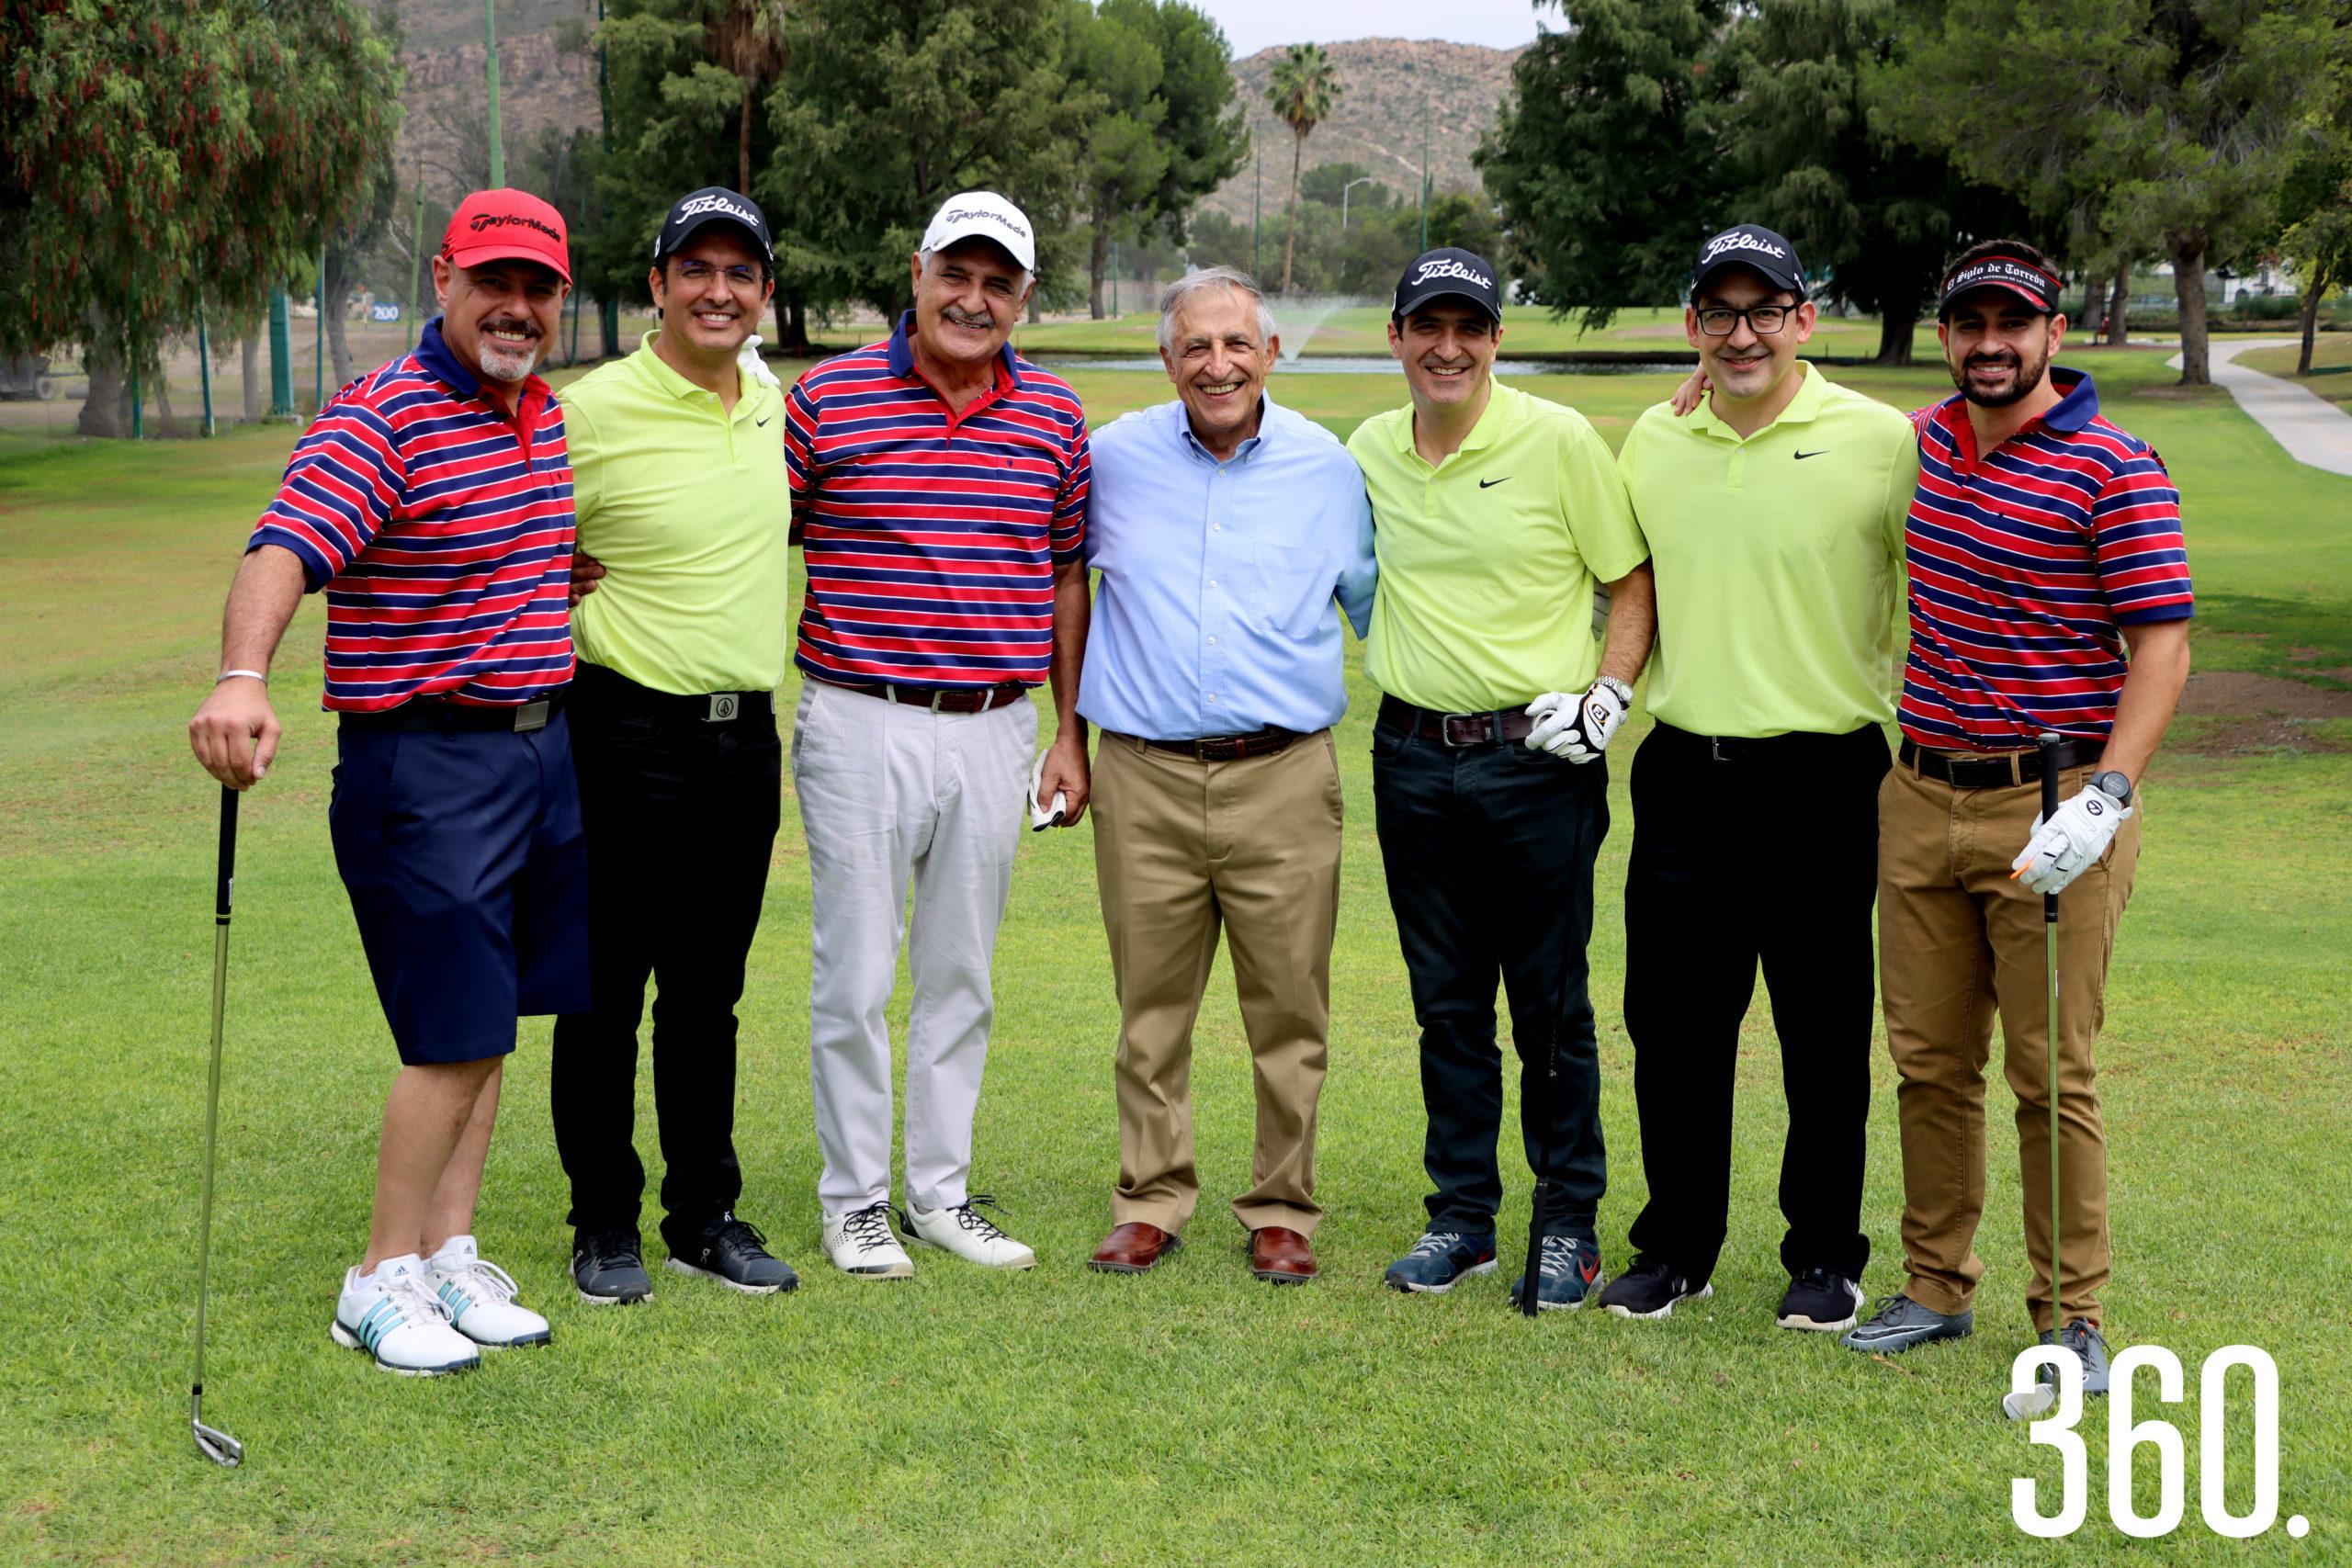 Alfredo Batarse, Ramón Mery, Miguel y Carlos Mery Milán, Carlos Mery, Ricardo Toba y Jorge Mery integraron el sixsome de honor que salió del hoyo #1.